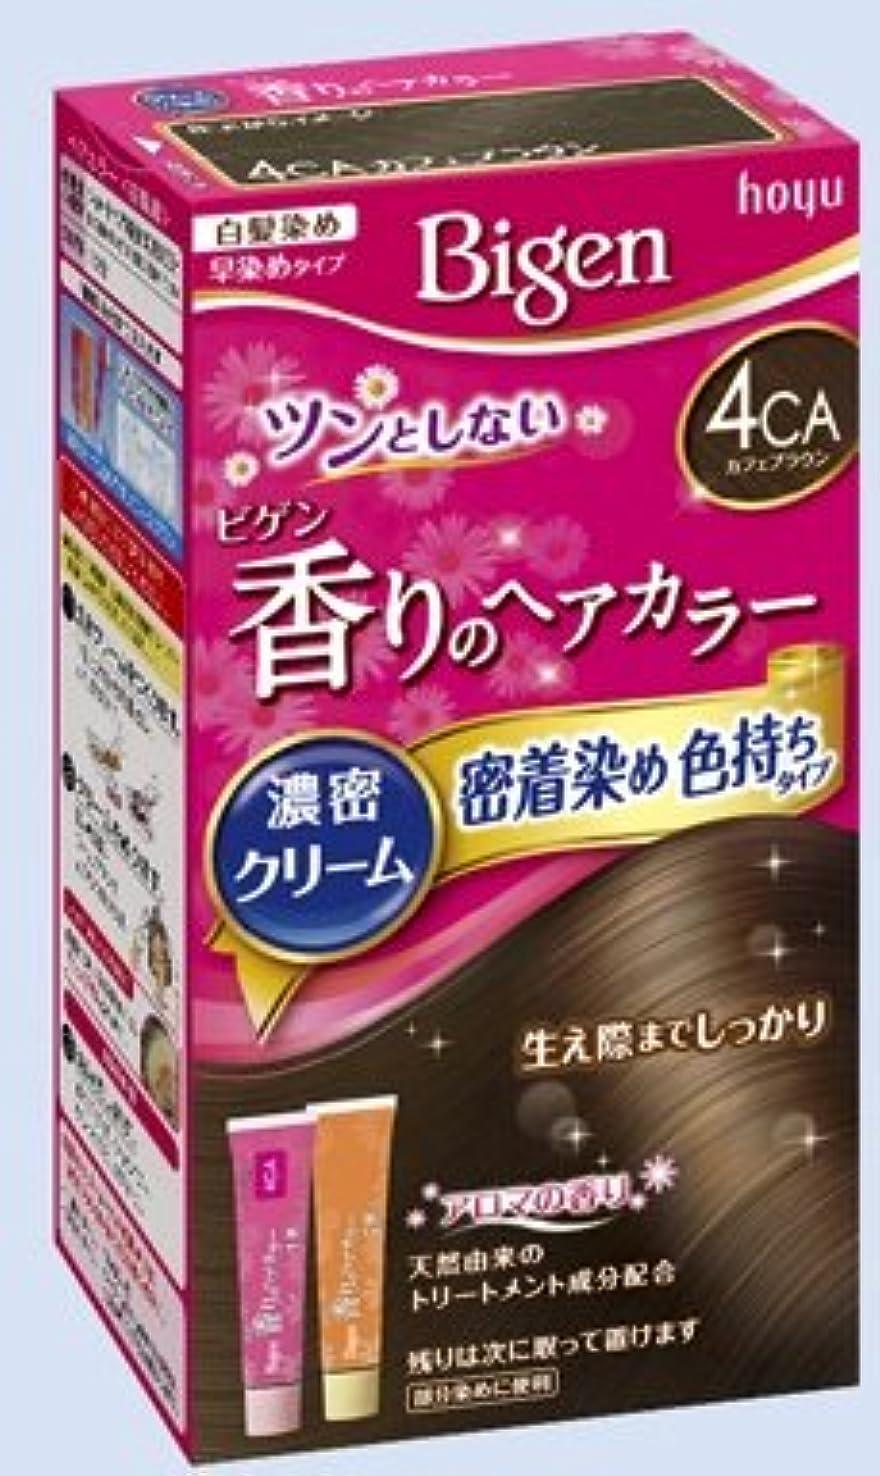 盲目歌詞分数ビゲン 香りのヘアカラー クリーム 4CA カフェブラウン × 10個セット